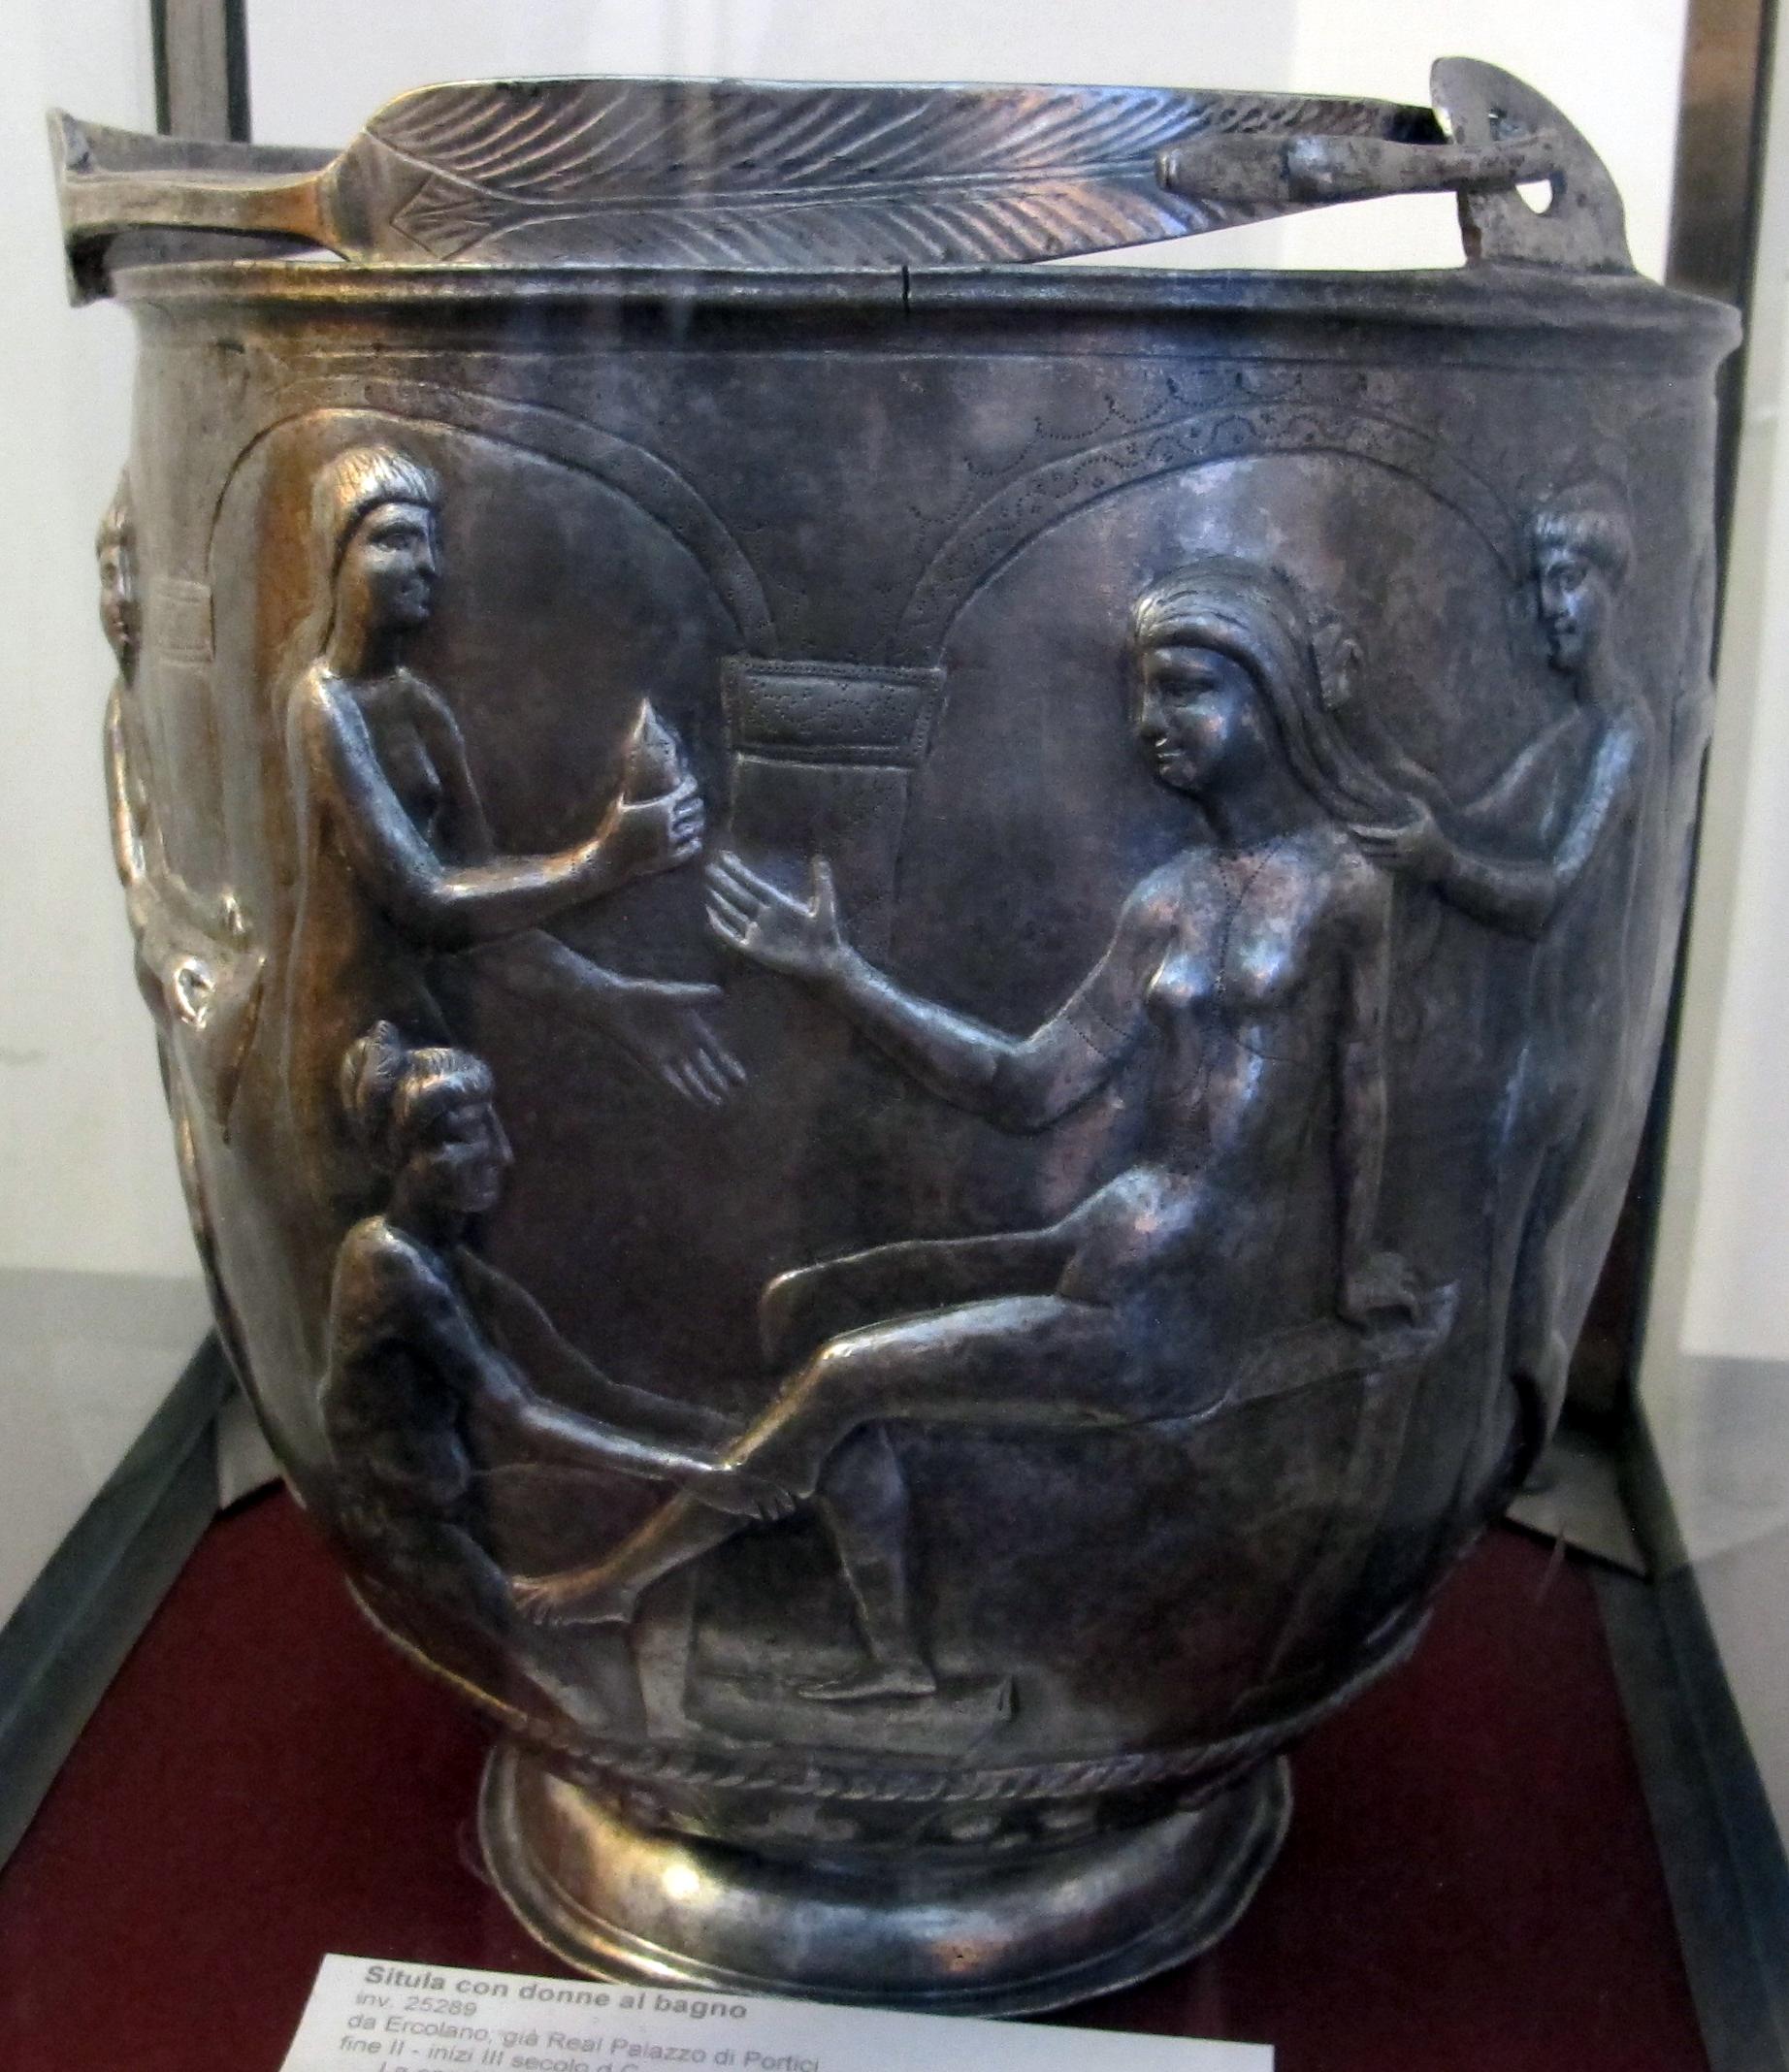 File situla in argento con donne al bagno da ercolano - Ragazze spiate in bagno ...